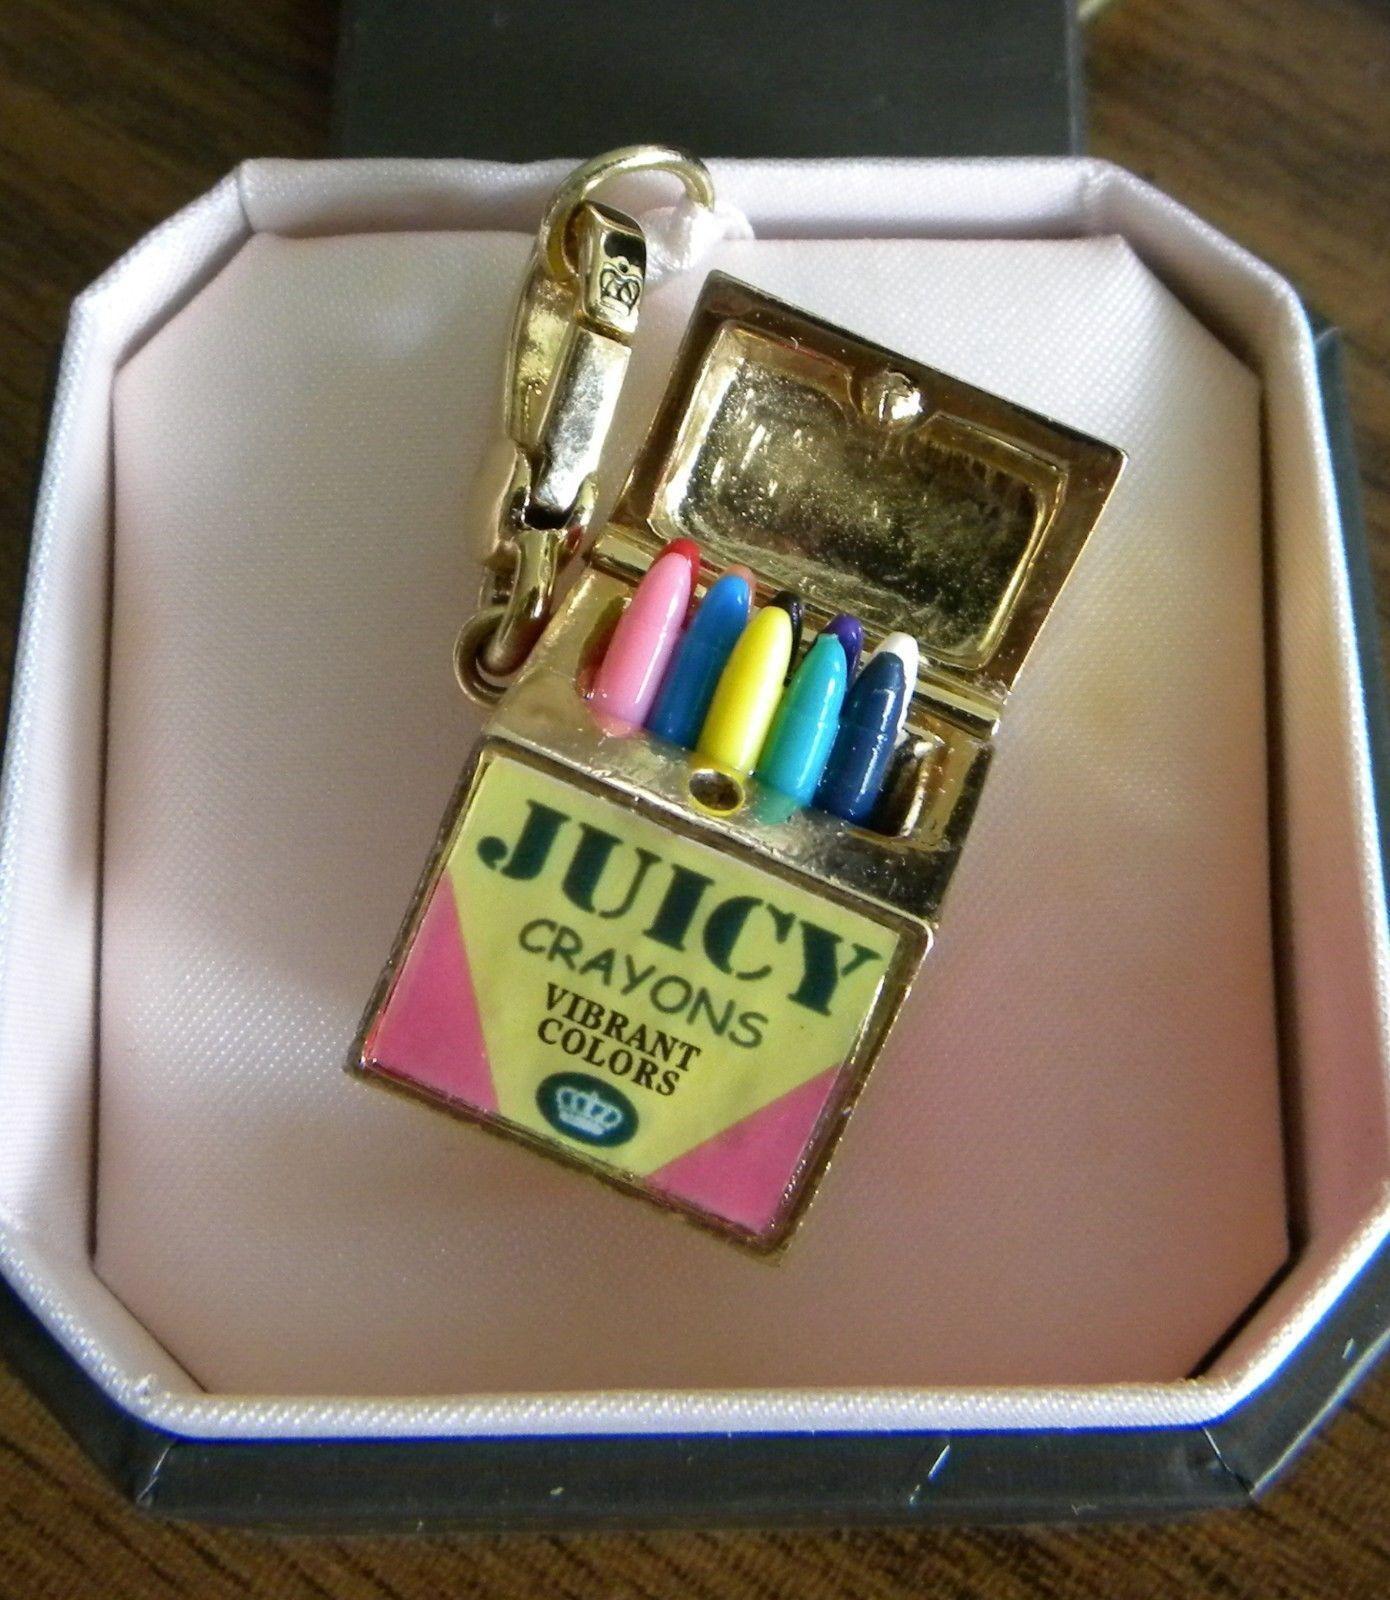 JUICY COUTURE Crayon Box CHARM Crayola School Supplies ...